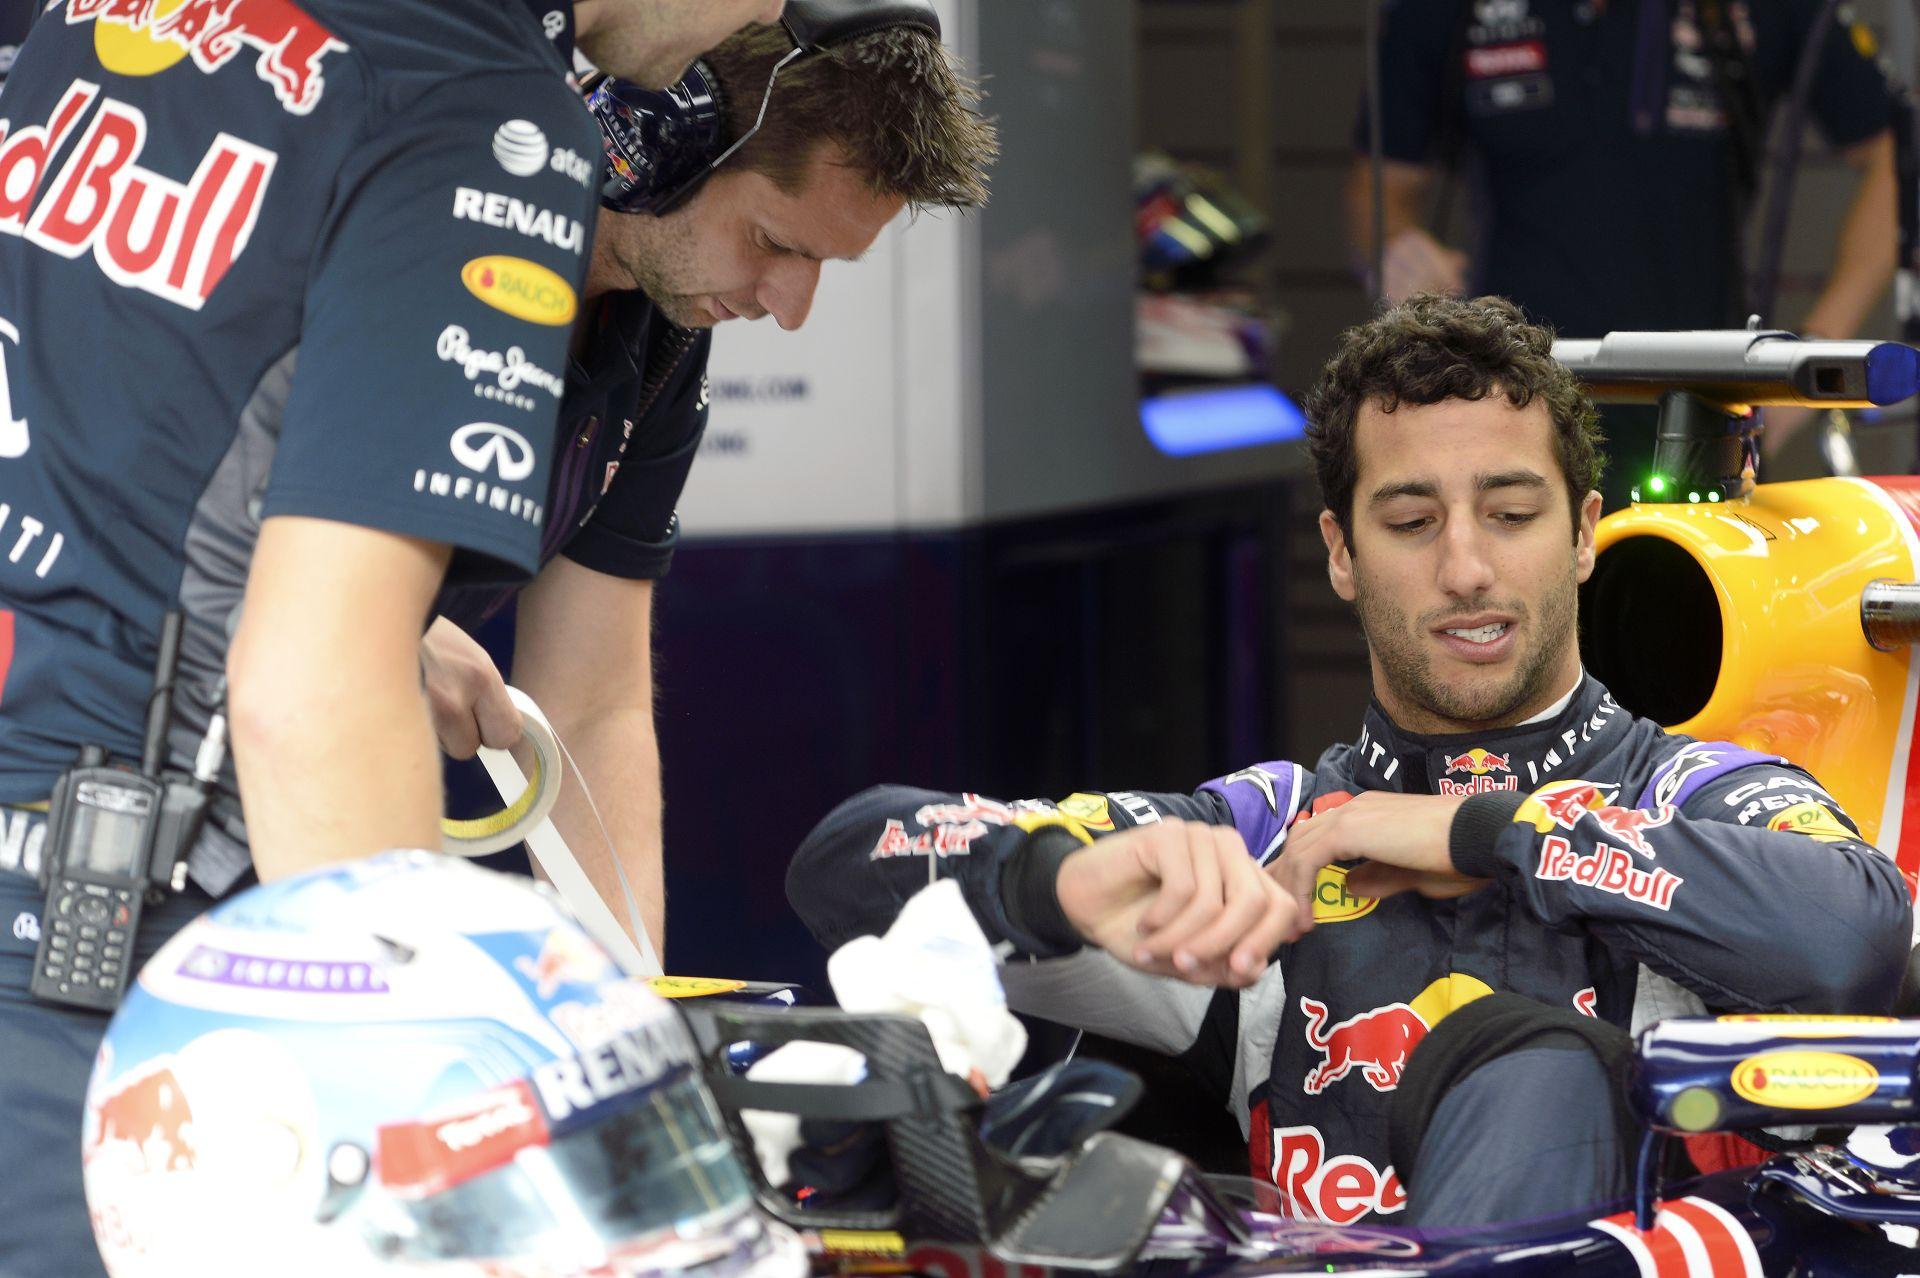 Ricciardo egyelőre nem zárná ki, hogy egy szép nap majd a Ferrarihoz szerződik